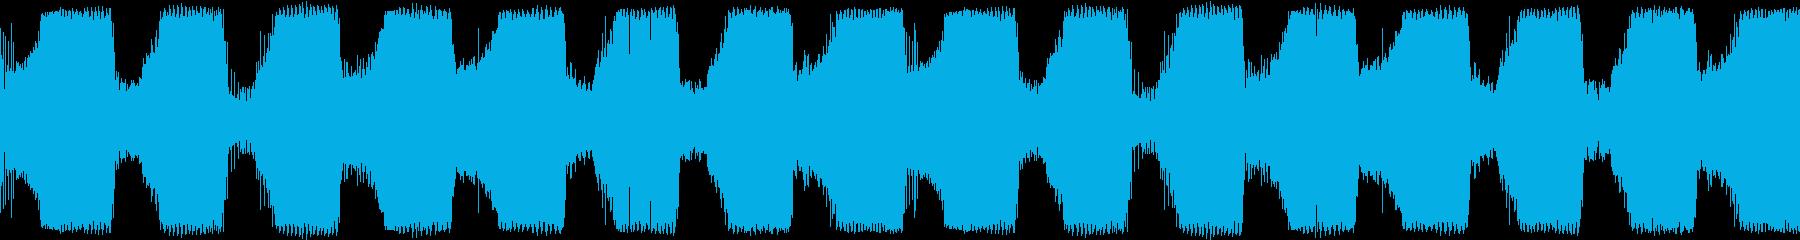 EDM ラウドにうねるベース 音楽制作用の再生済みの波形